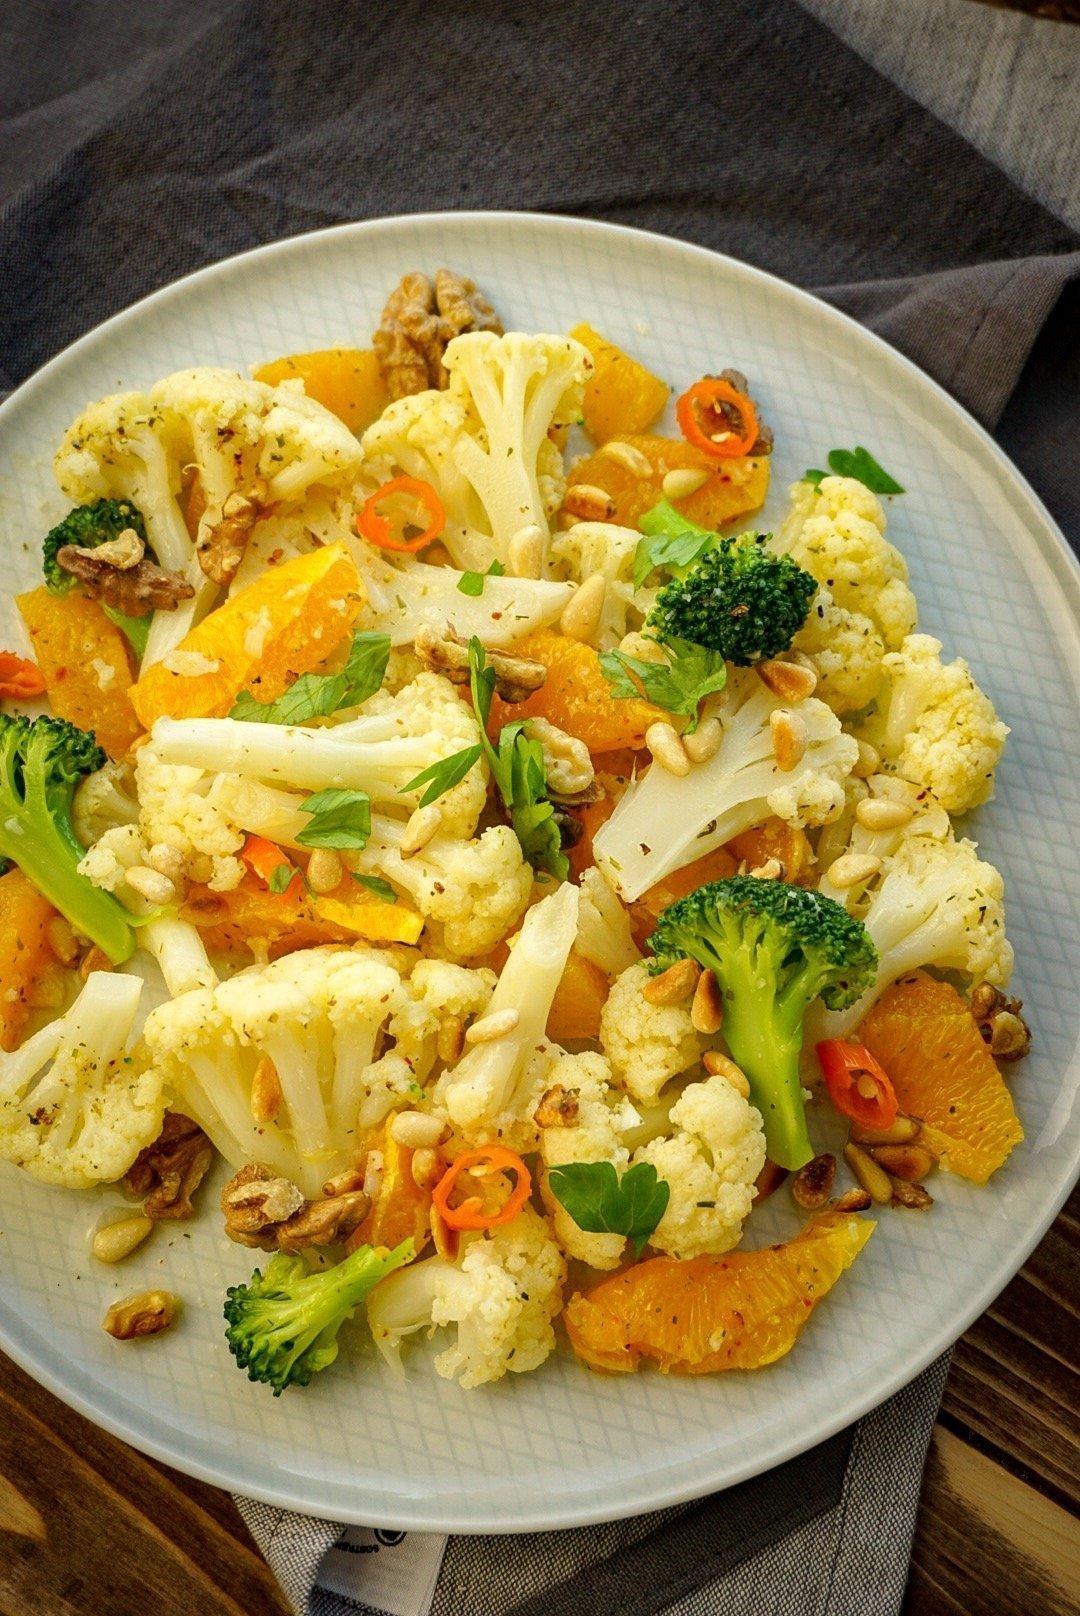 Blumenkohl-Orangen Salat mit Nüssen